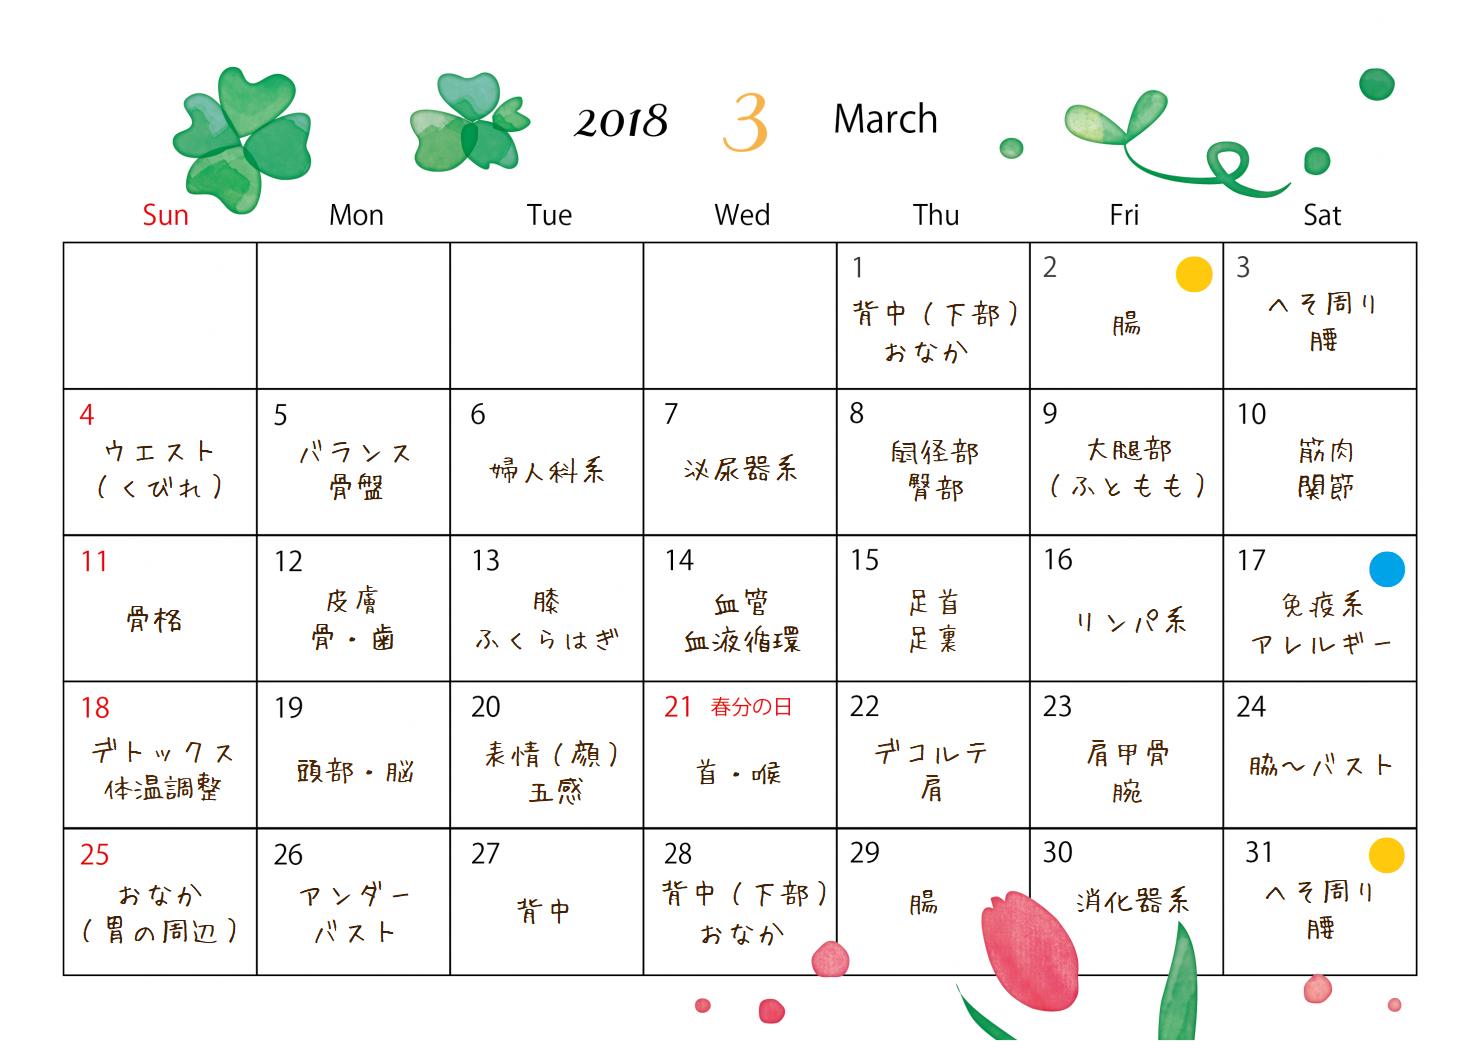 月のリズムと香りのサロン【nowaie(ノワイエ)】の2018年3月の営業日☆